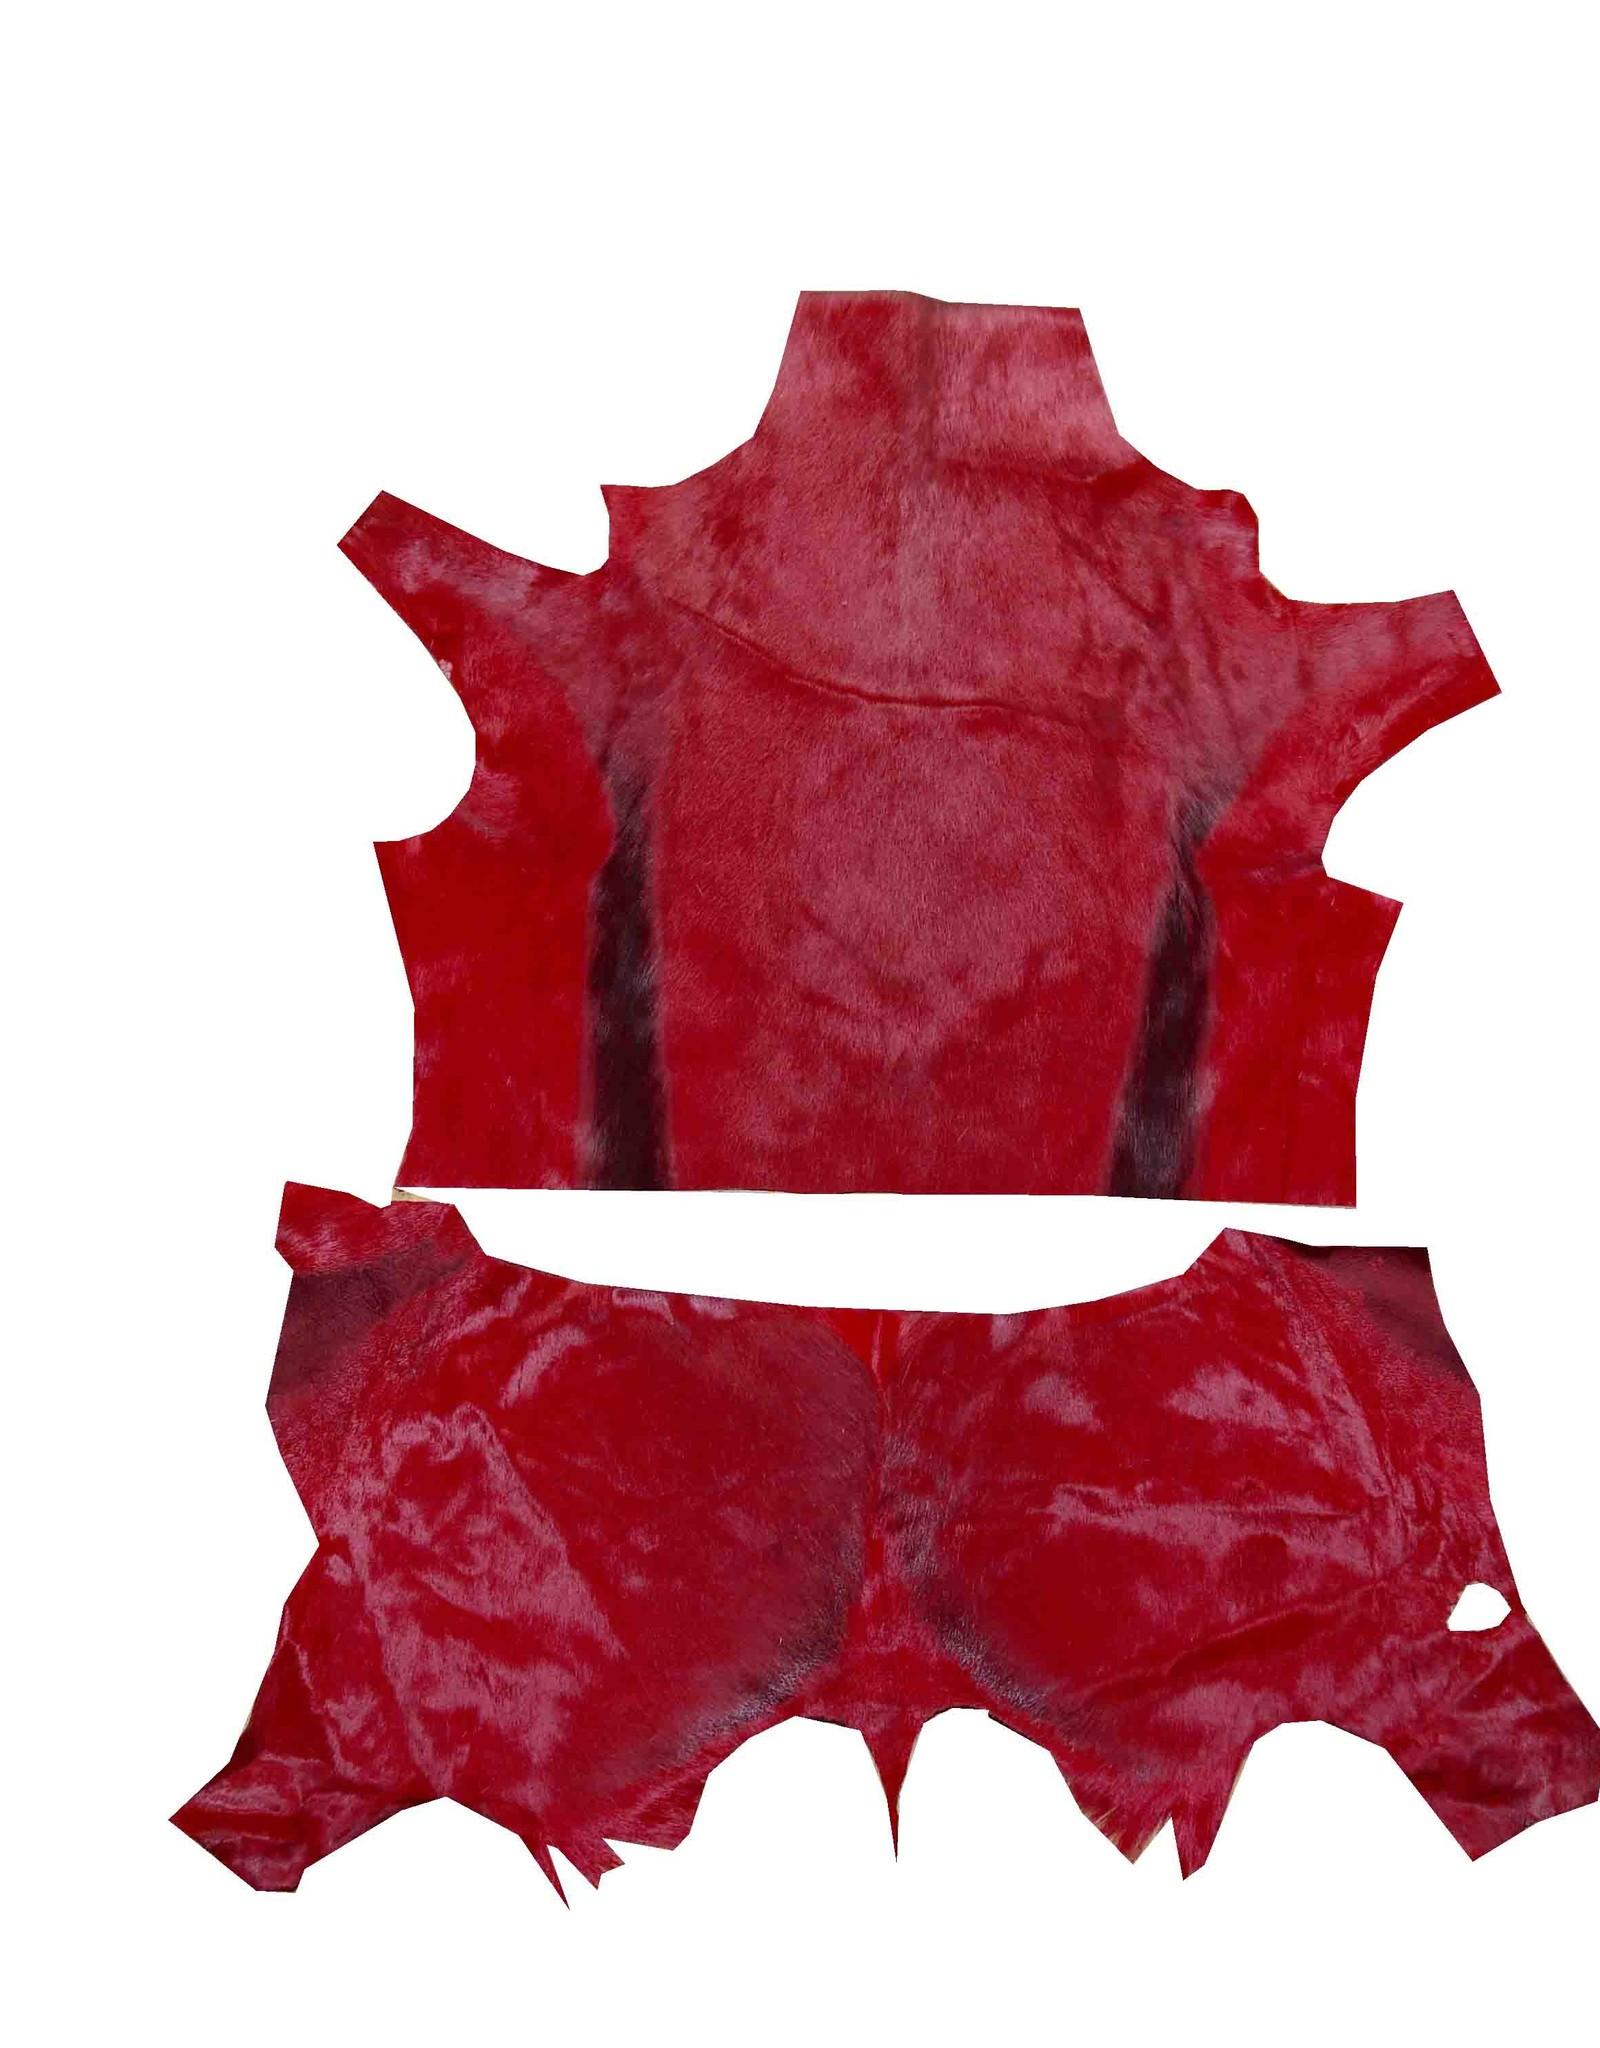 Echtes rotes Springbockfell Reststück zur Weiterverarbeitung